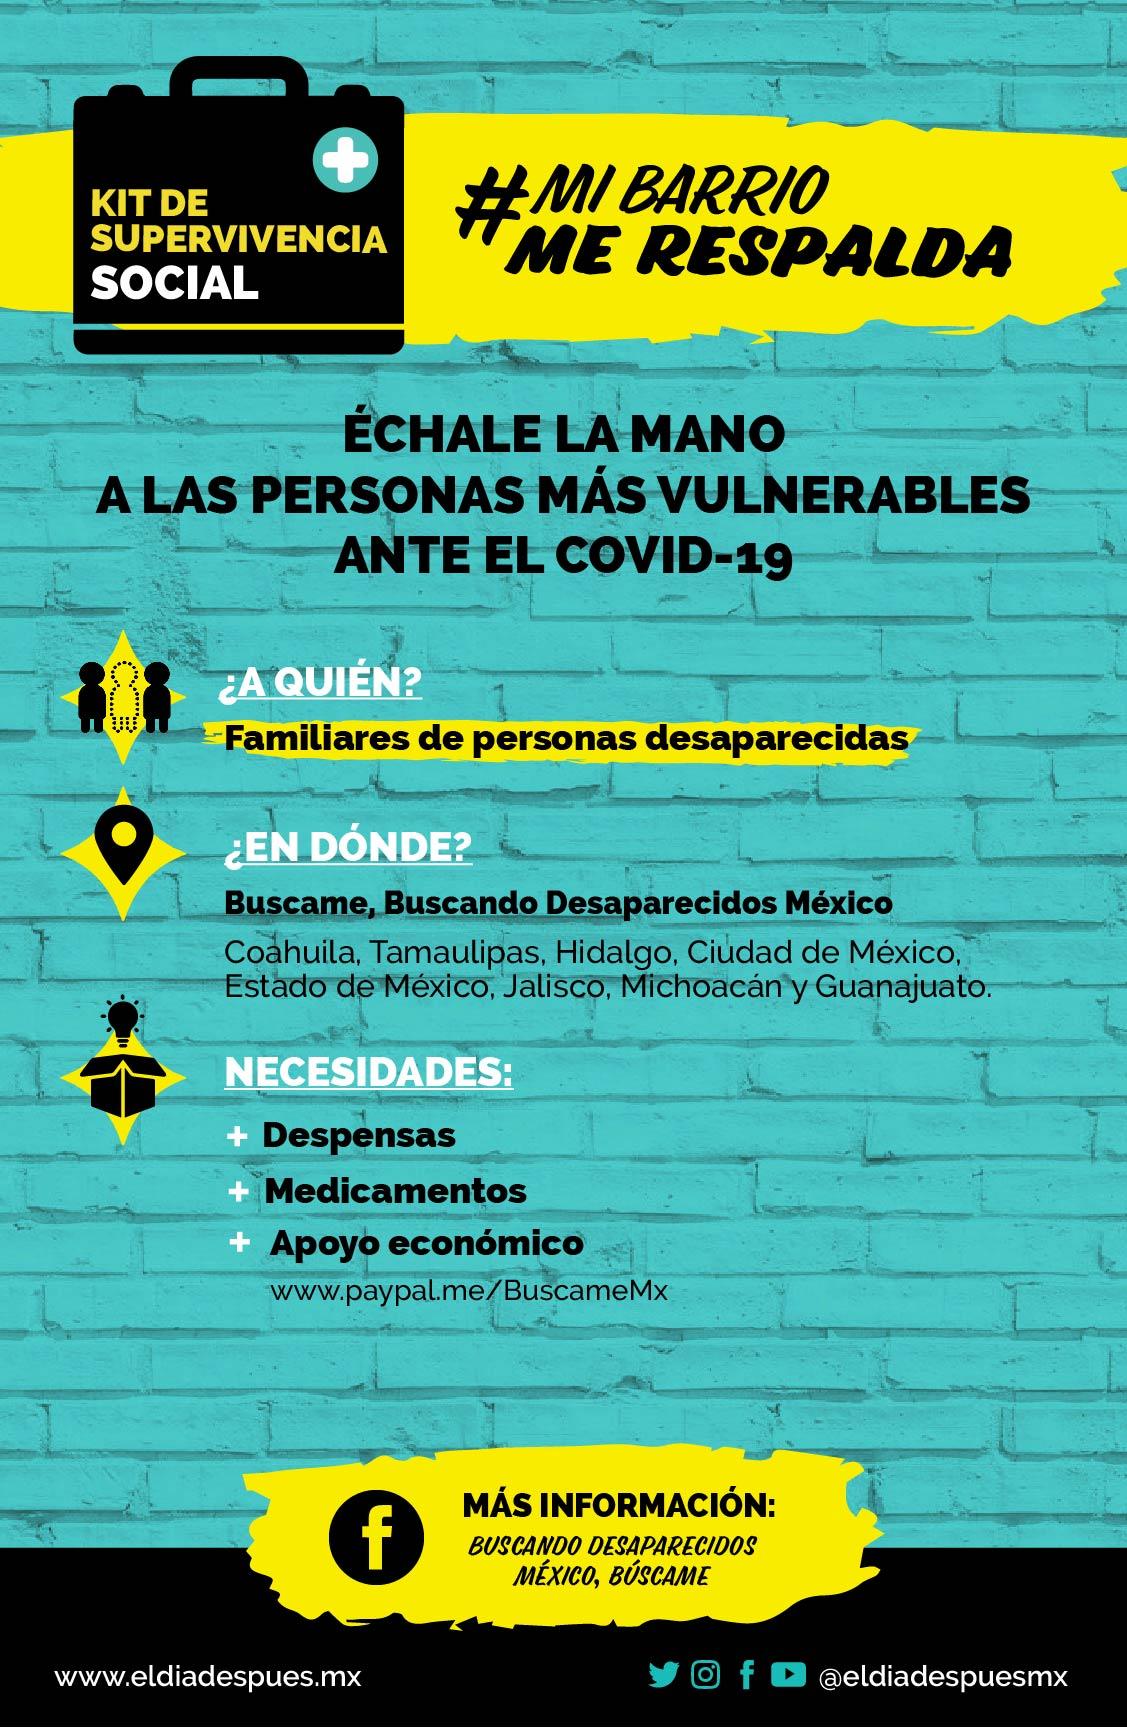 1. Buscando Desaparecidos México, Búscando